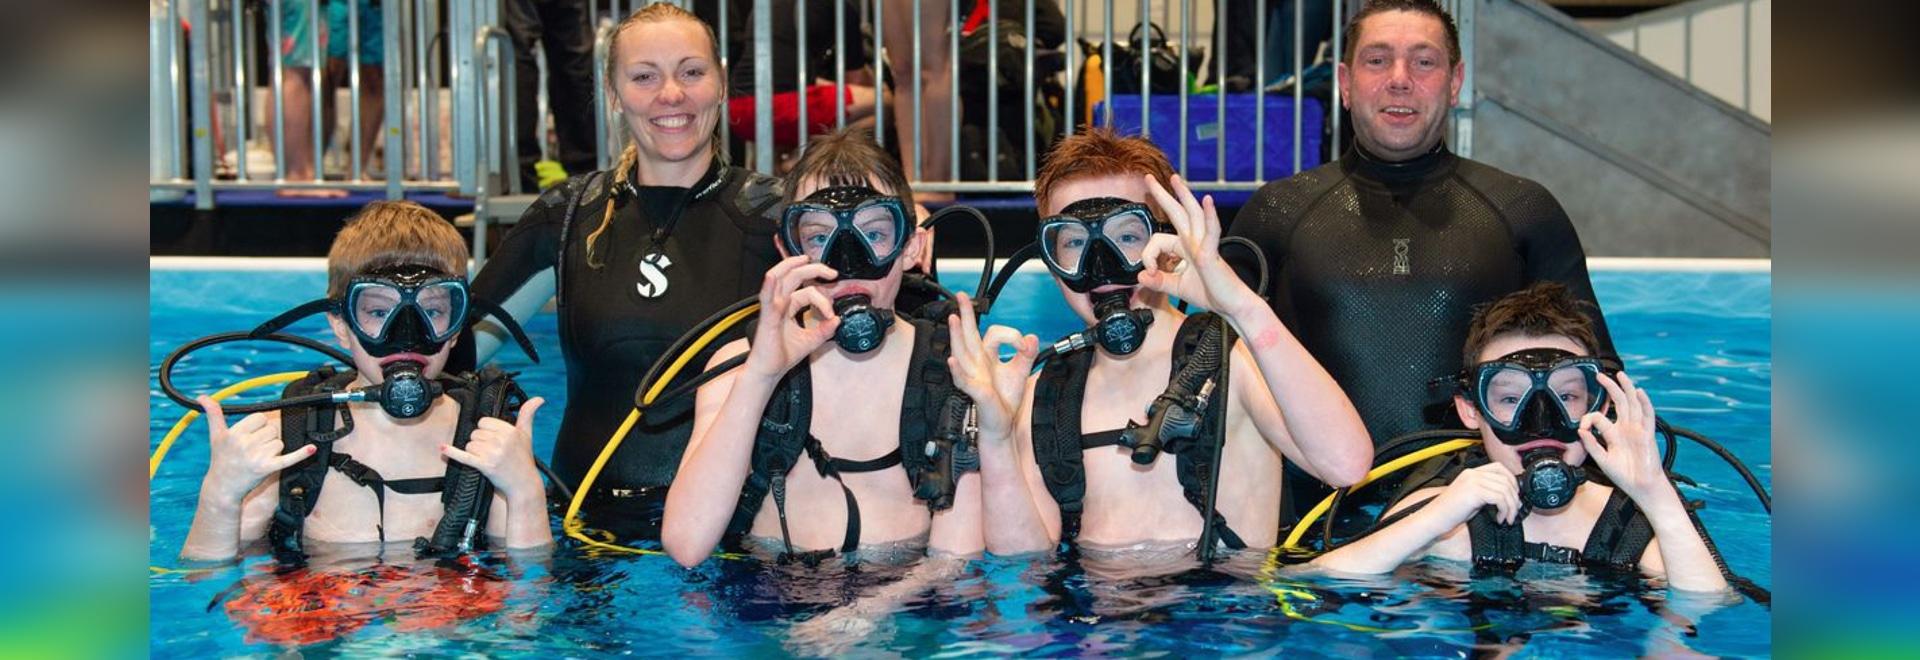 Termine für 2020 GO Diving Show angekündigt